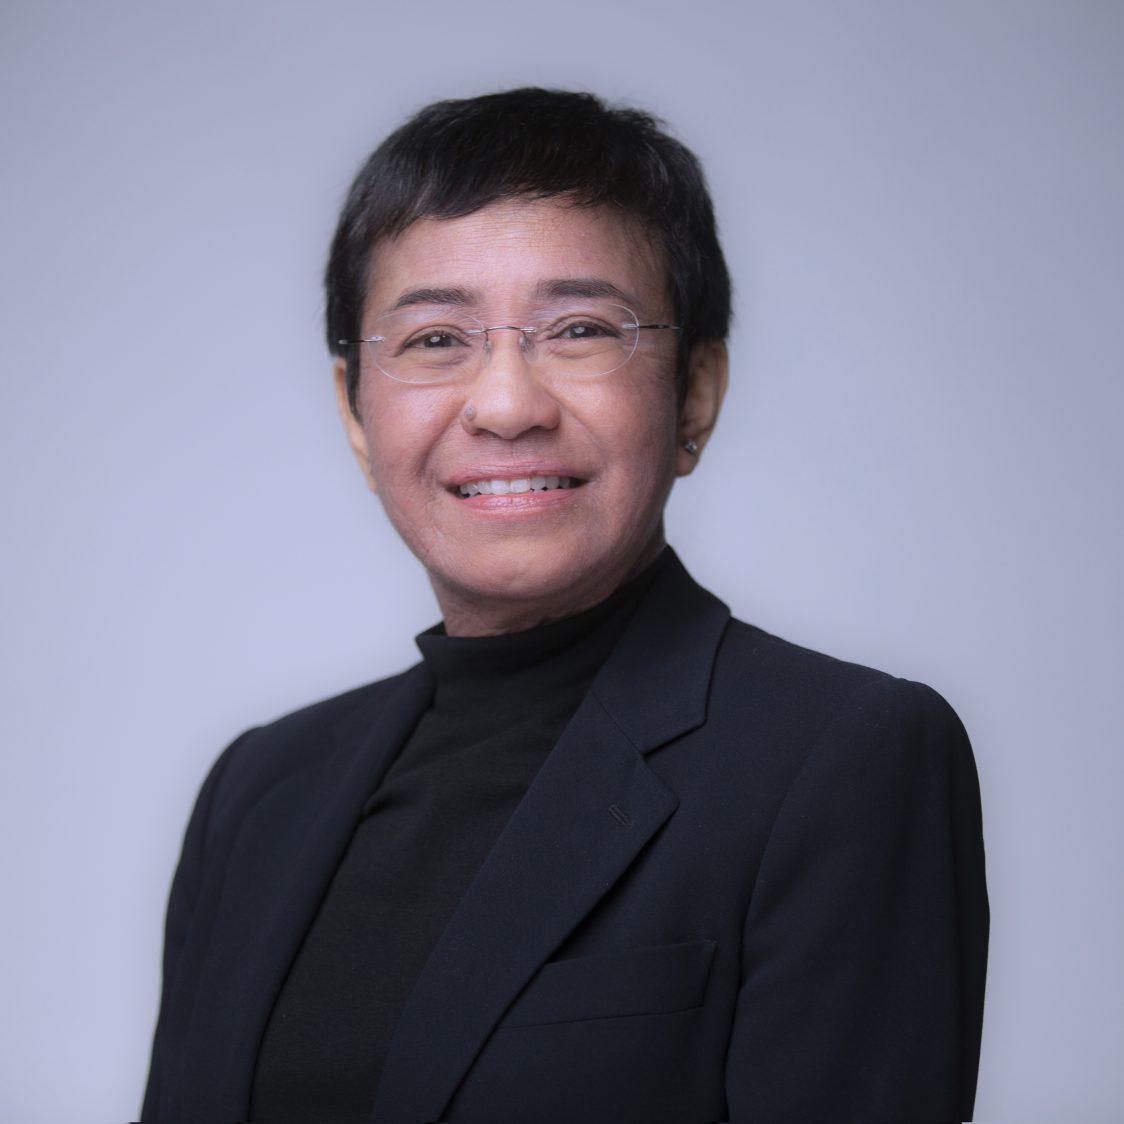 Maria A. Ressa